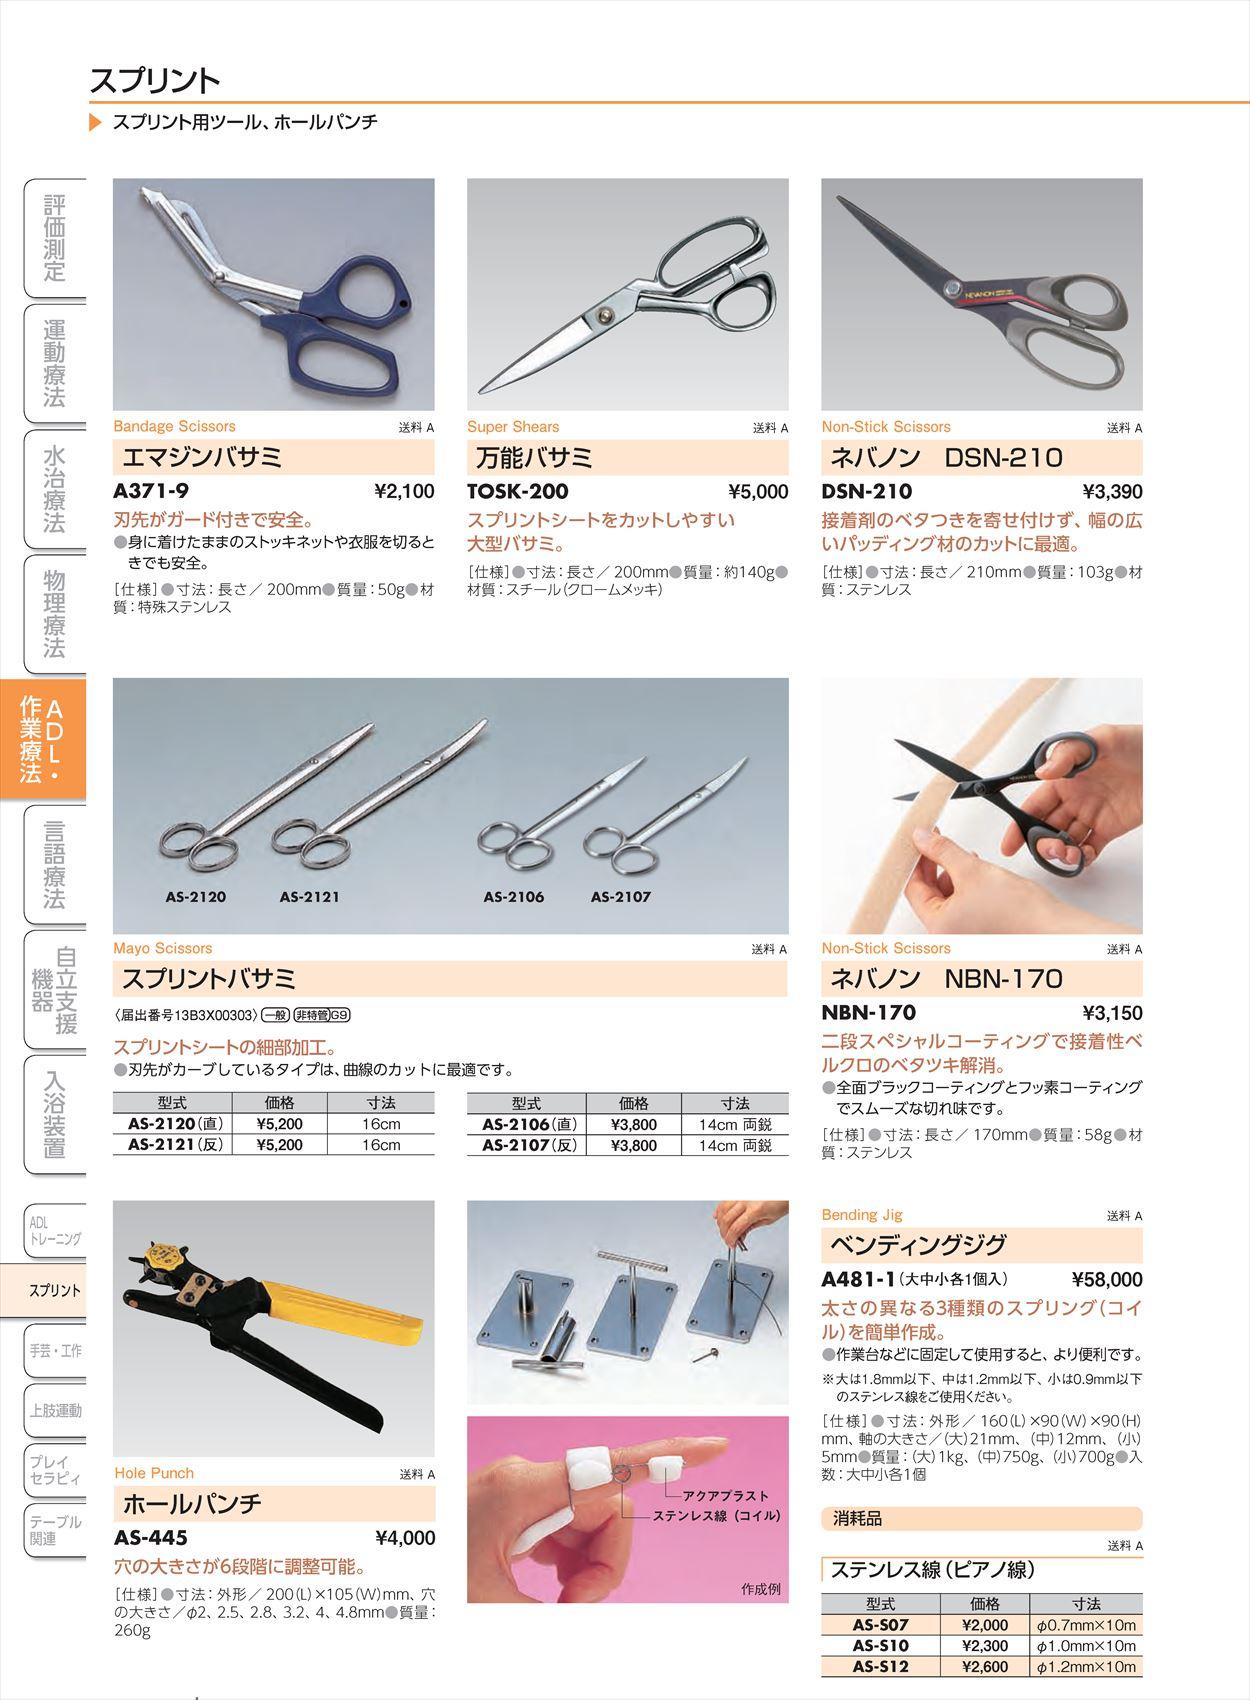 スプリントバサミ  Mayo Scissors AS-2120(sa6430130)